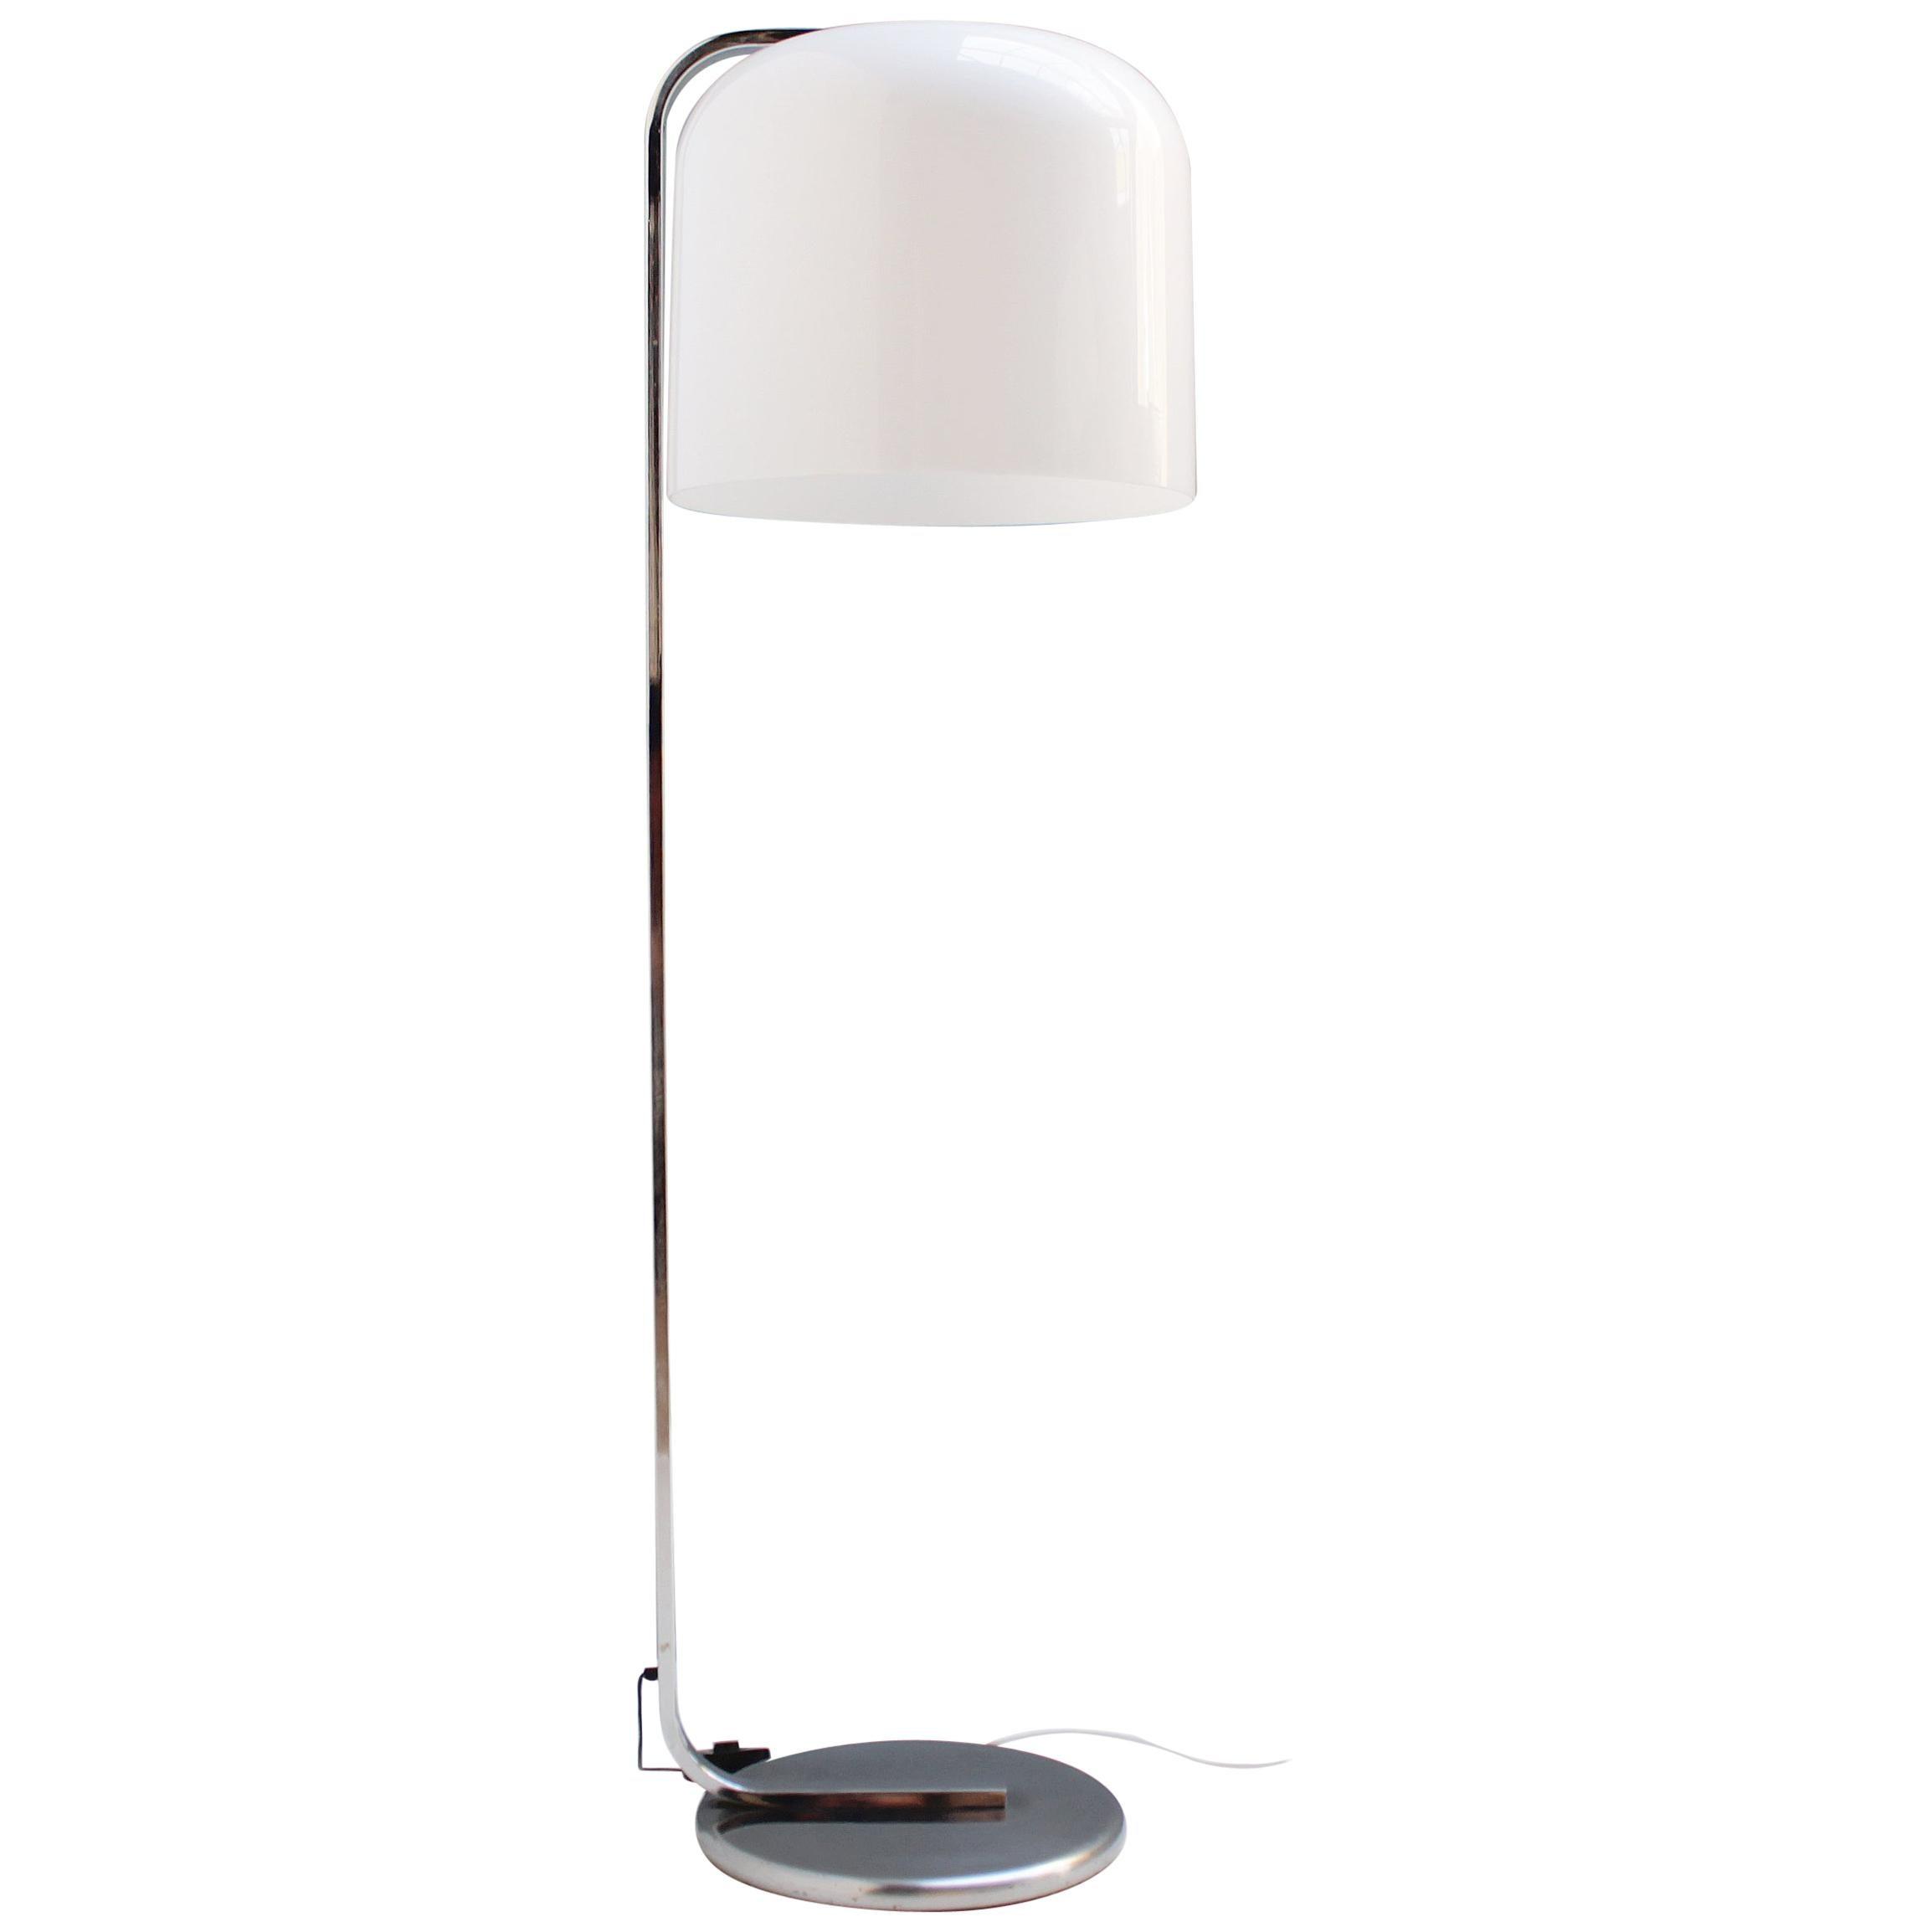 Italian Floor Lamp 'Alvise' by Luigi Massoni for Guzzini